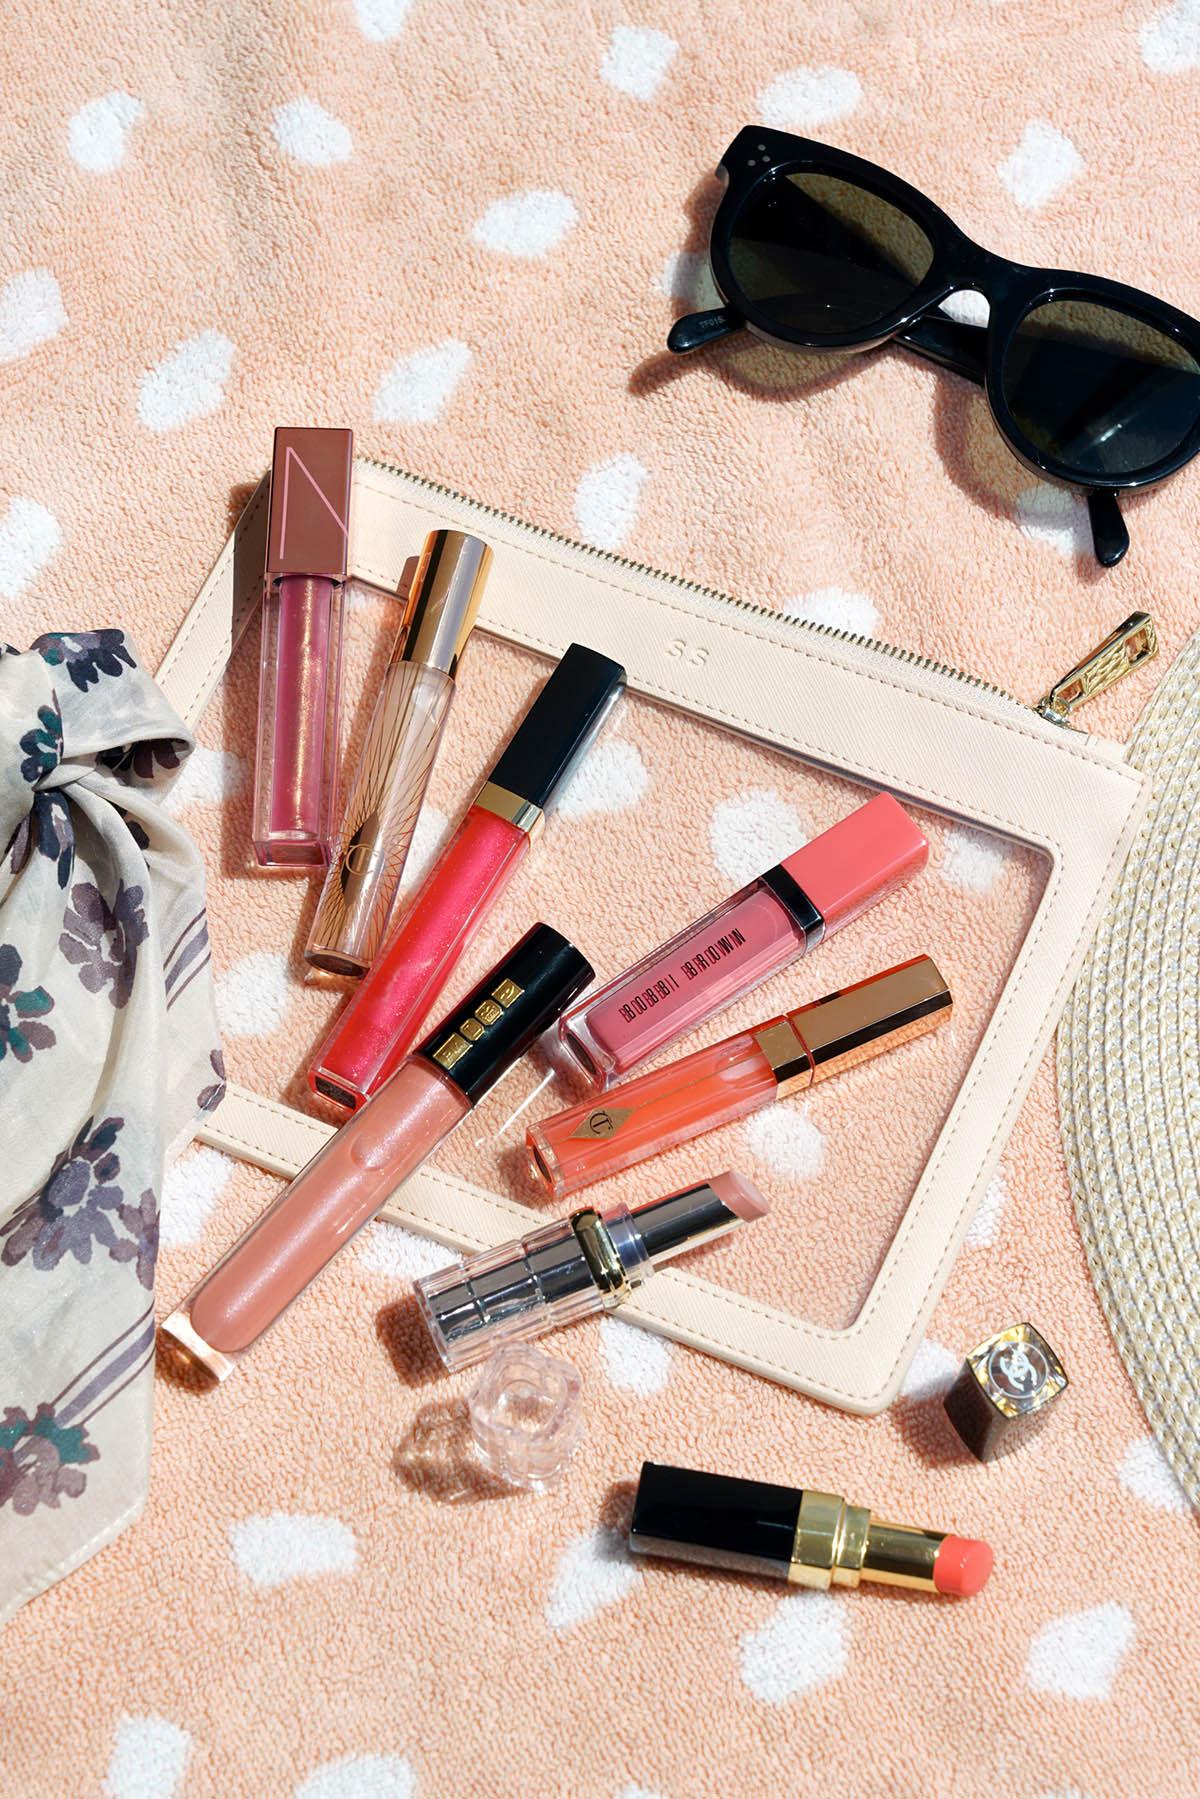 Meilleures couleurs de gloss pour l'été | Le look book beauté